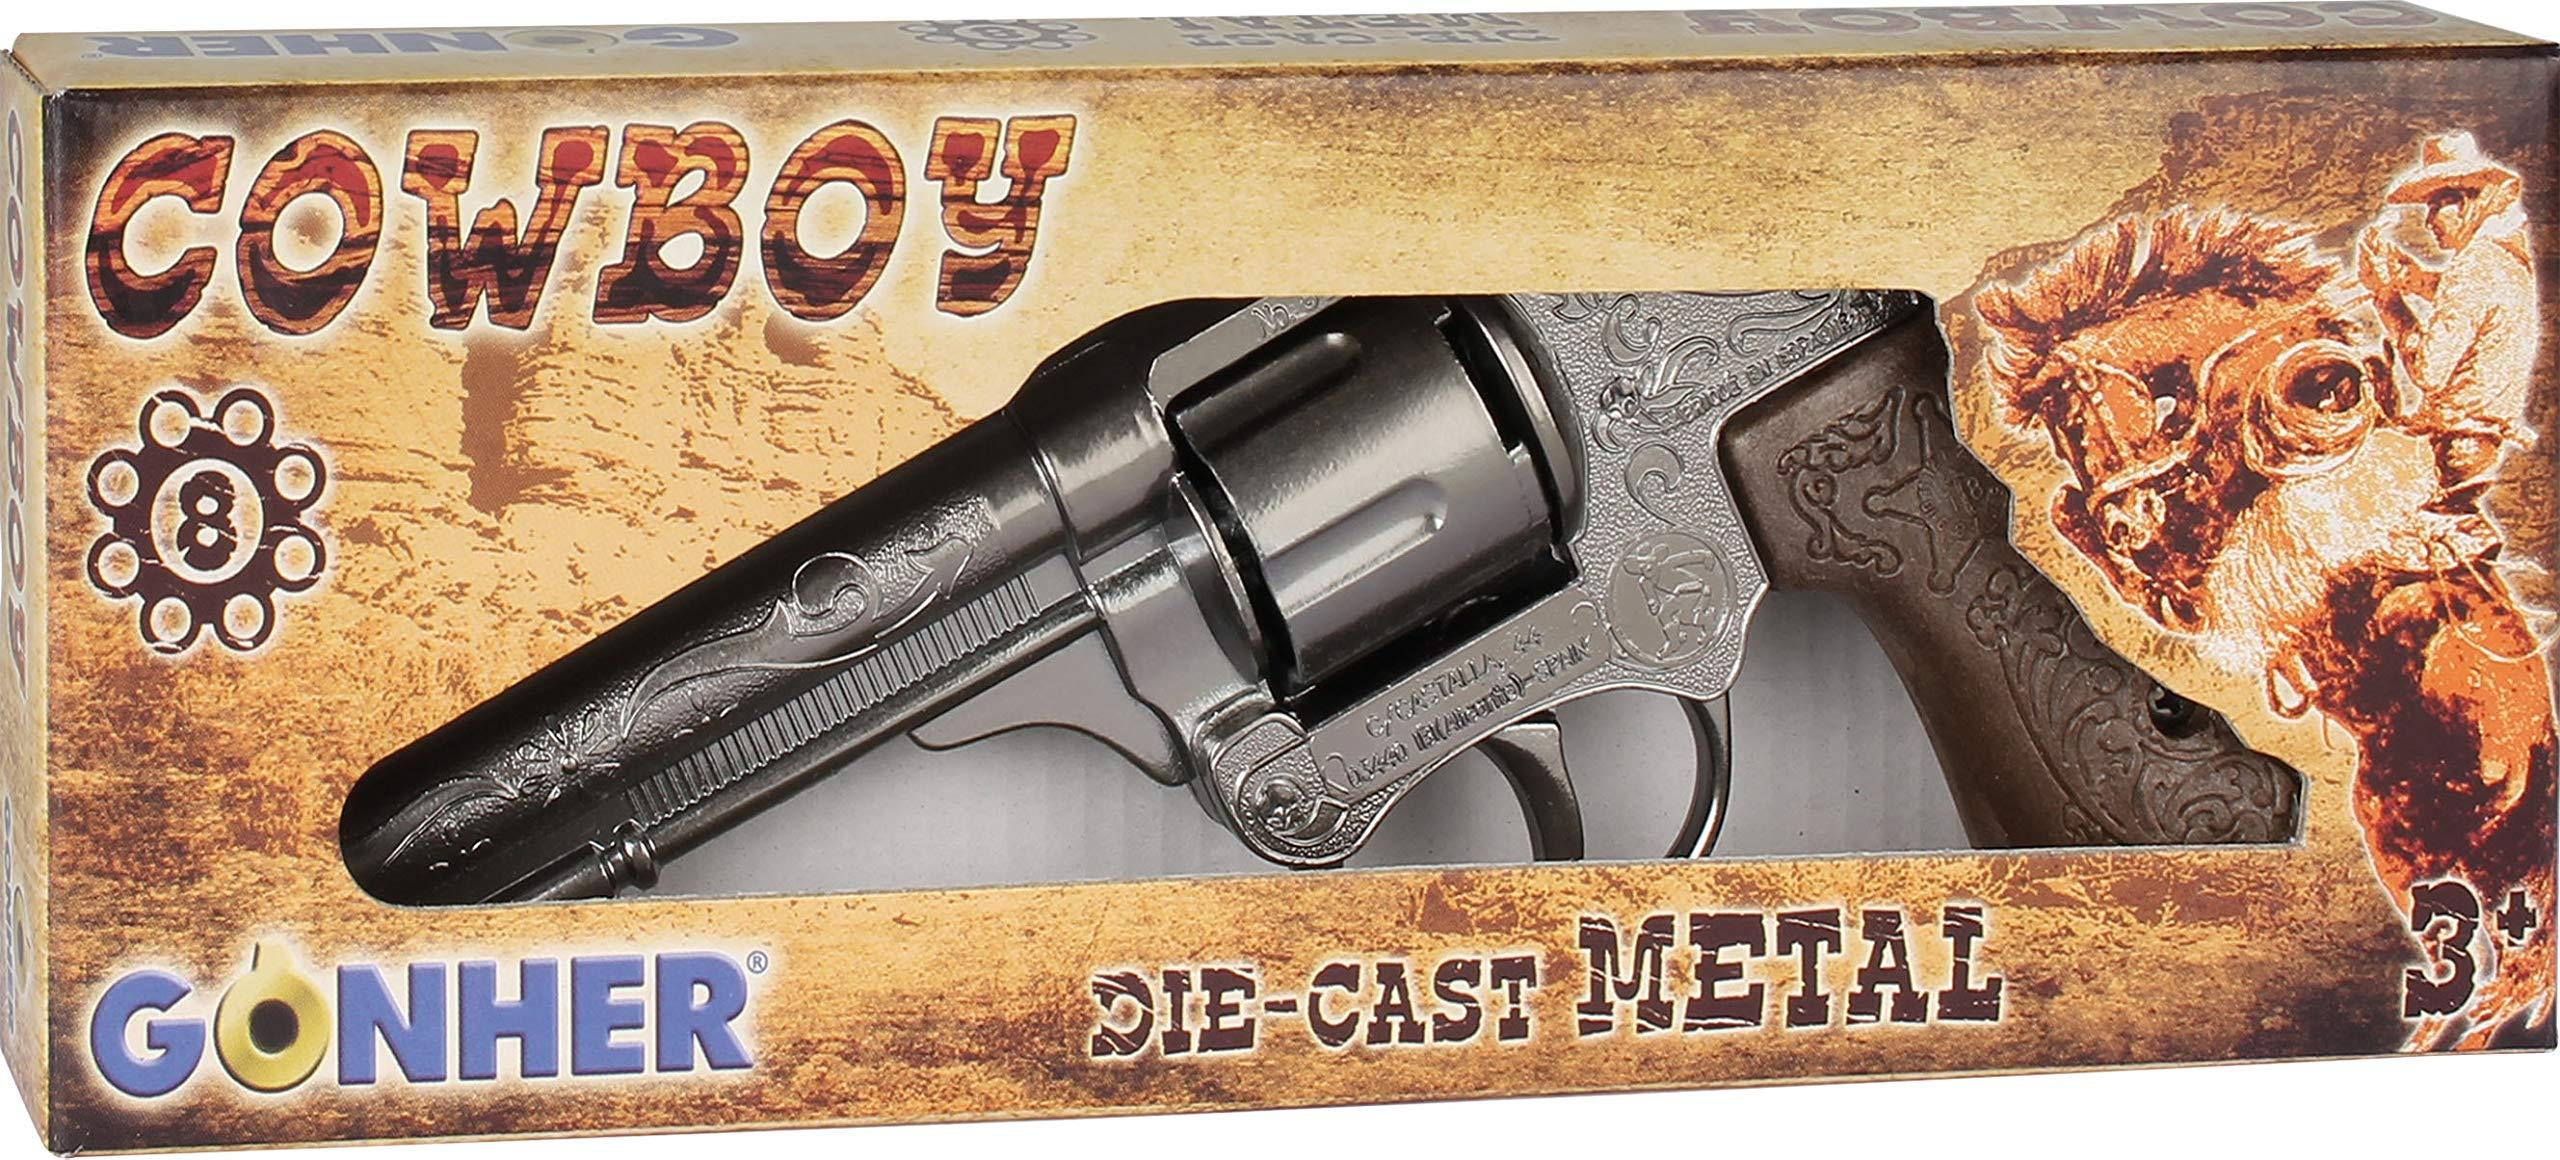 Gonher 80/0 Pistola Juguete para Niños: Amazon.es: Juguetes y juegos